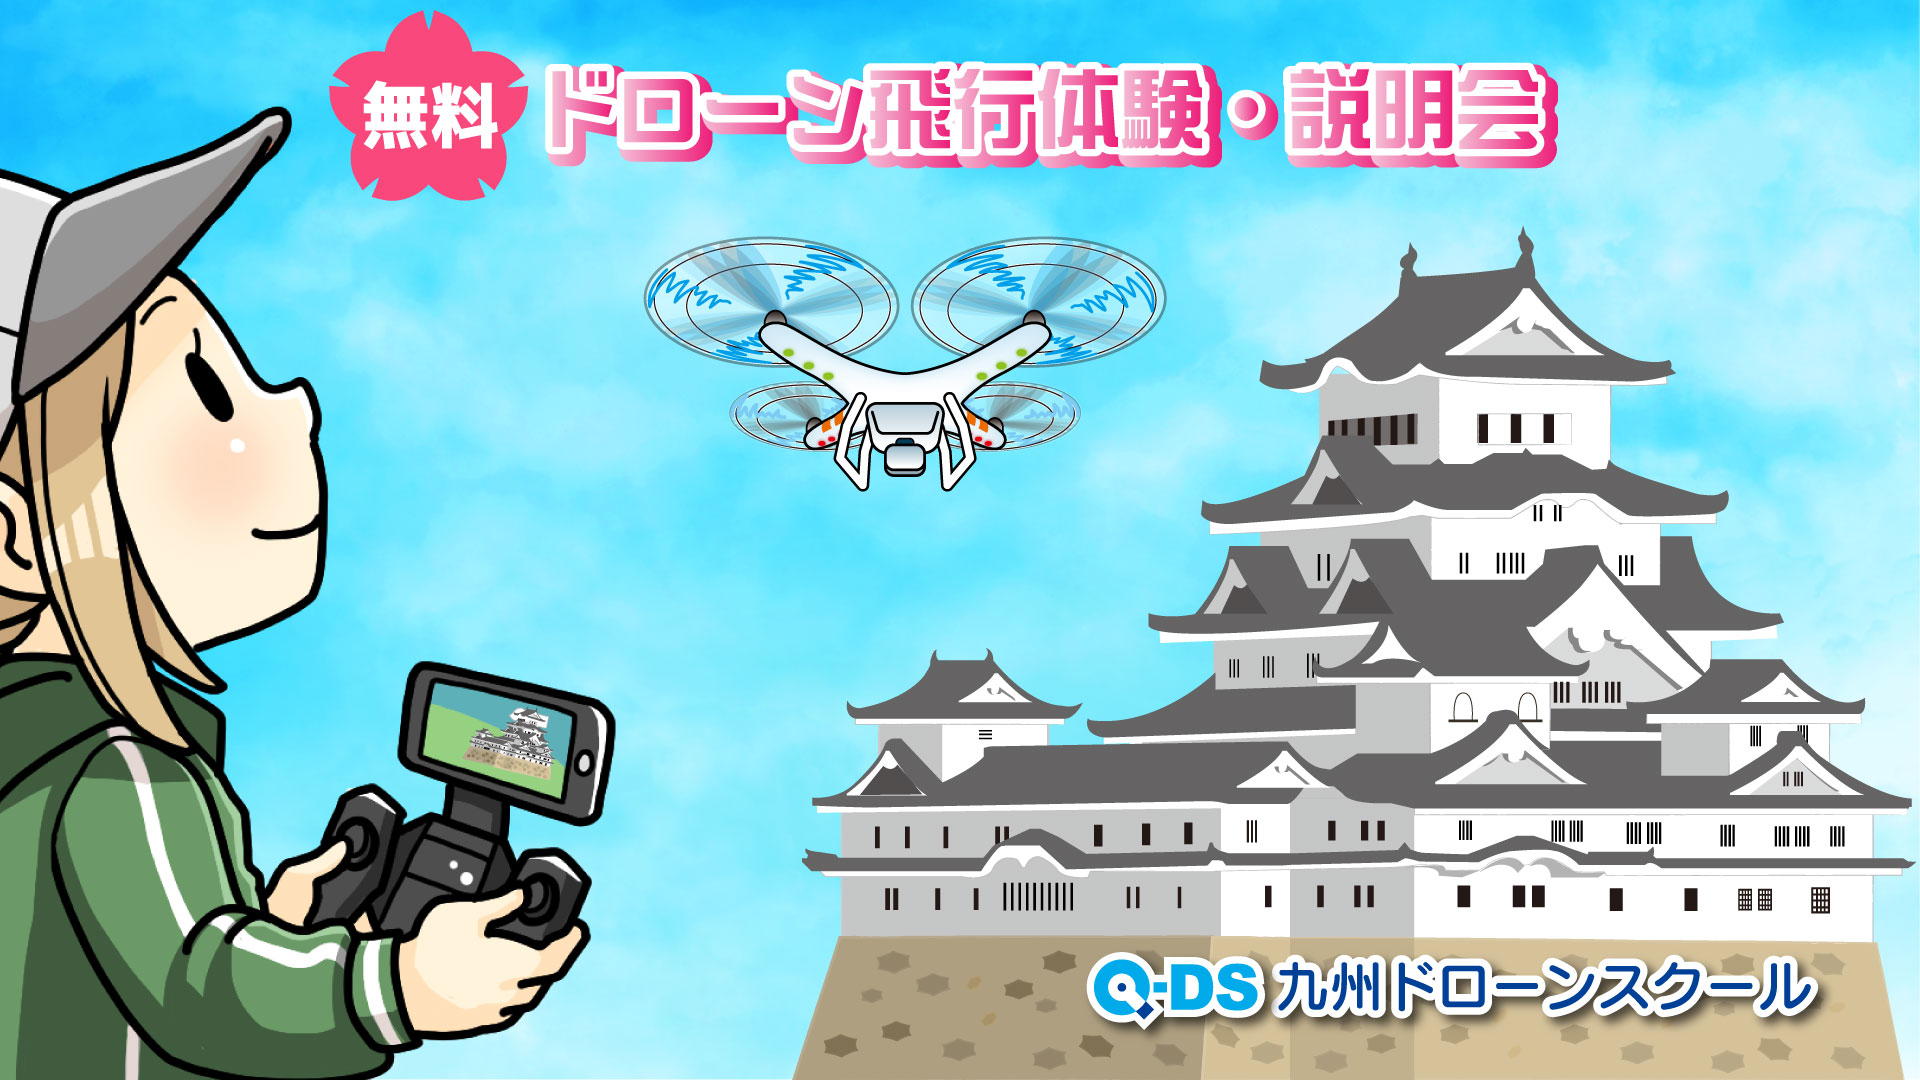 2021年5月熊本市で無料ドローン体験会